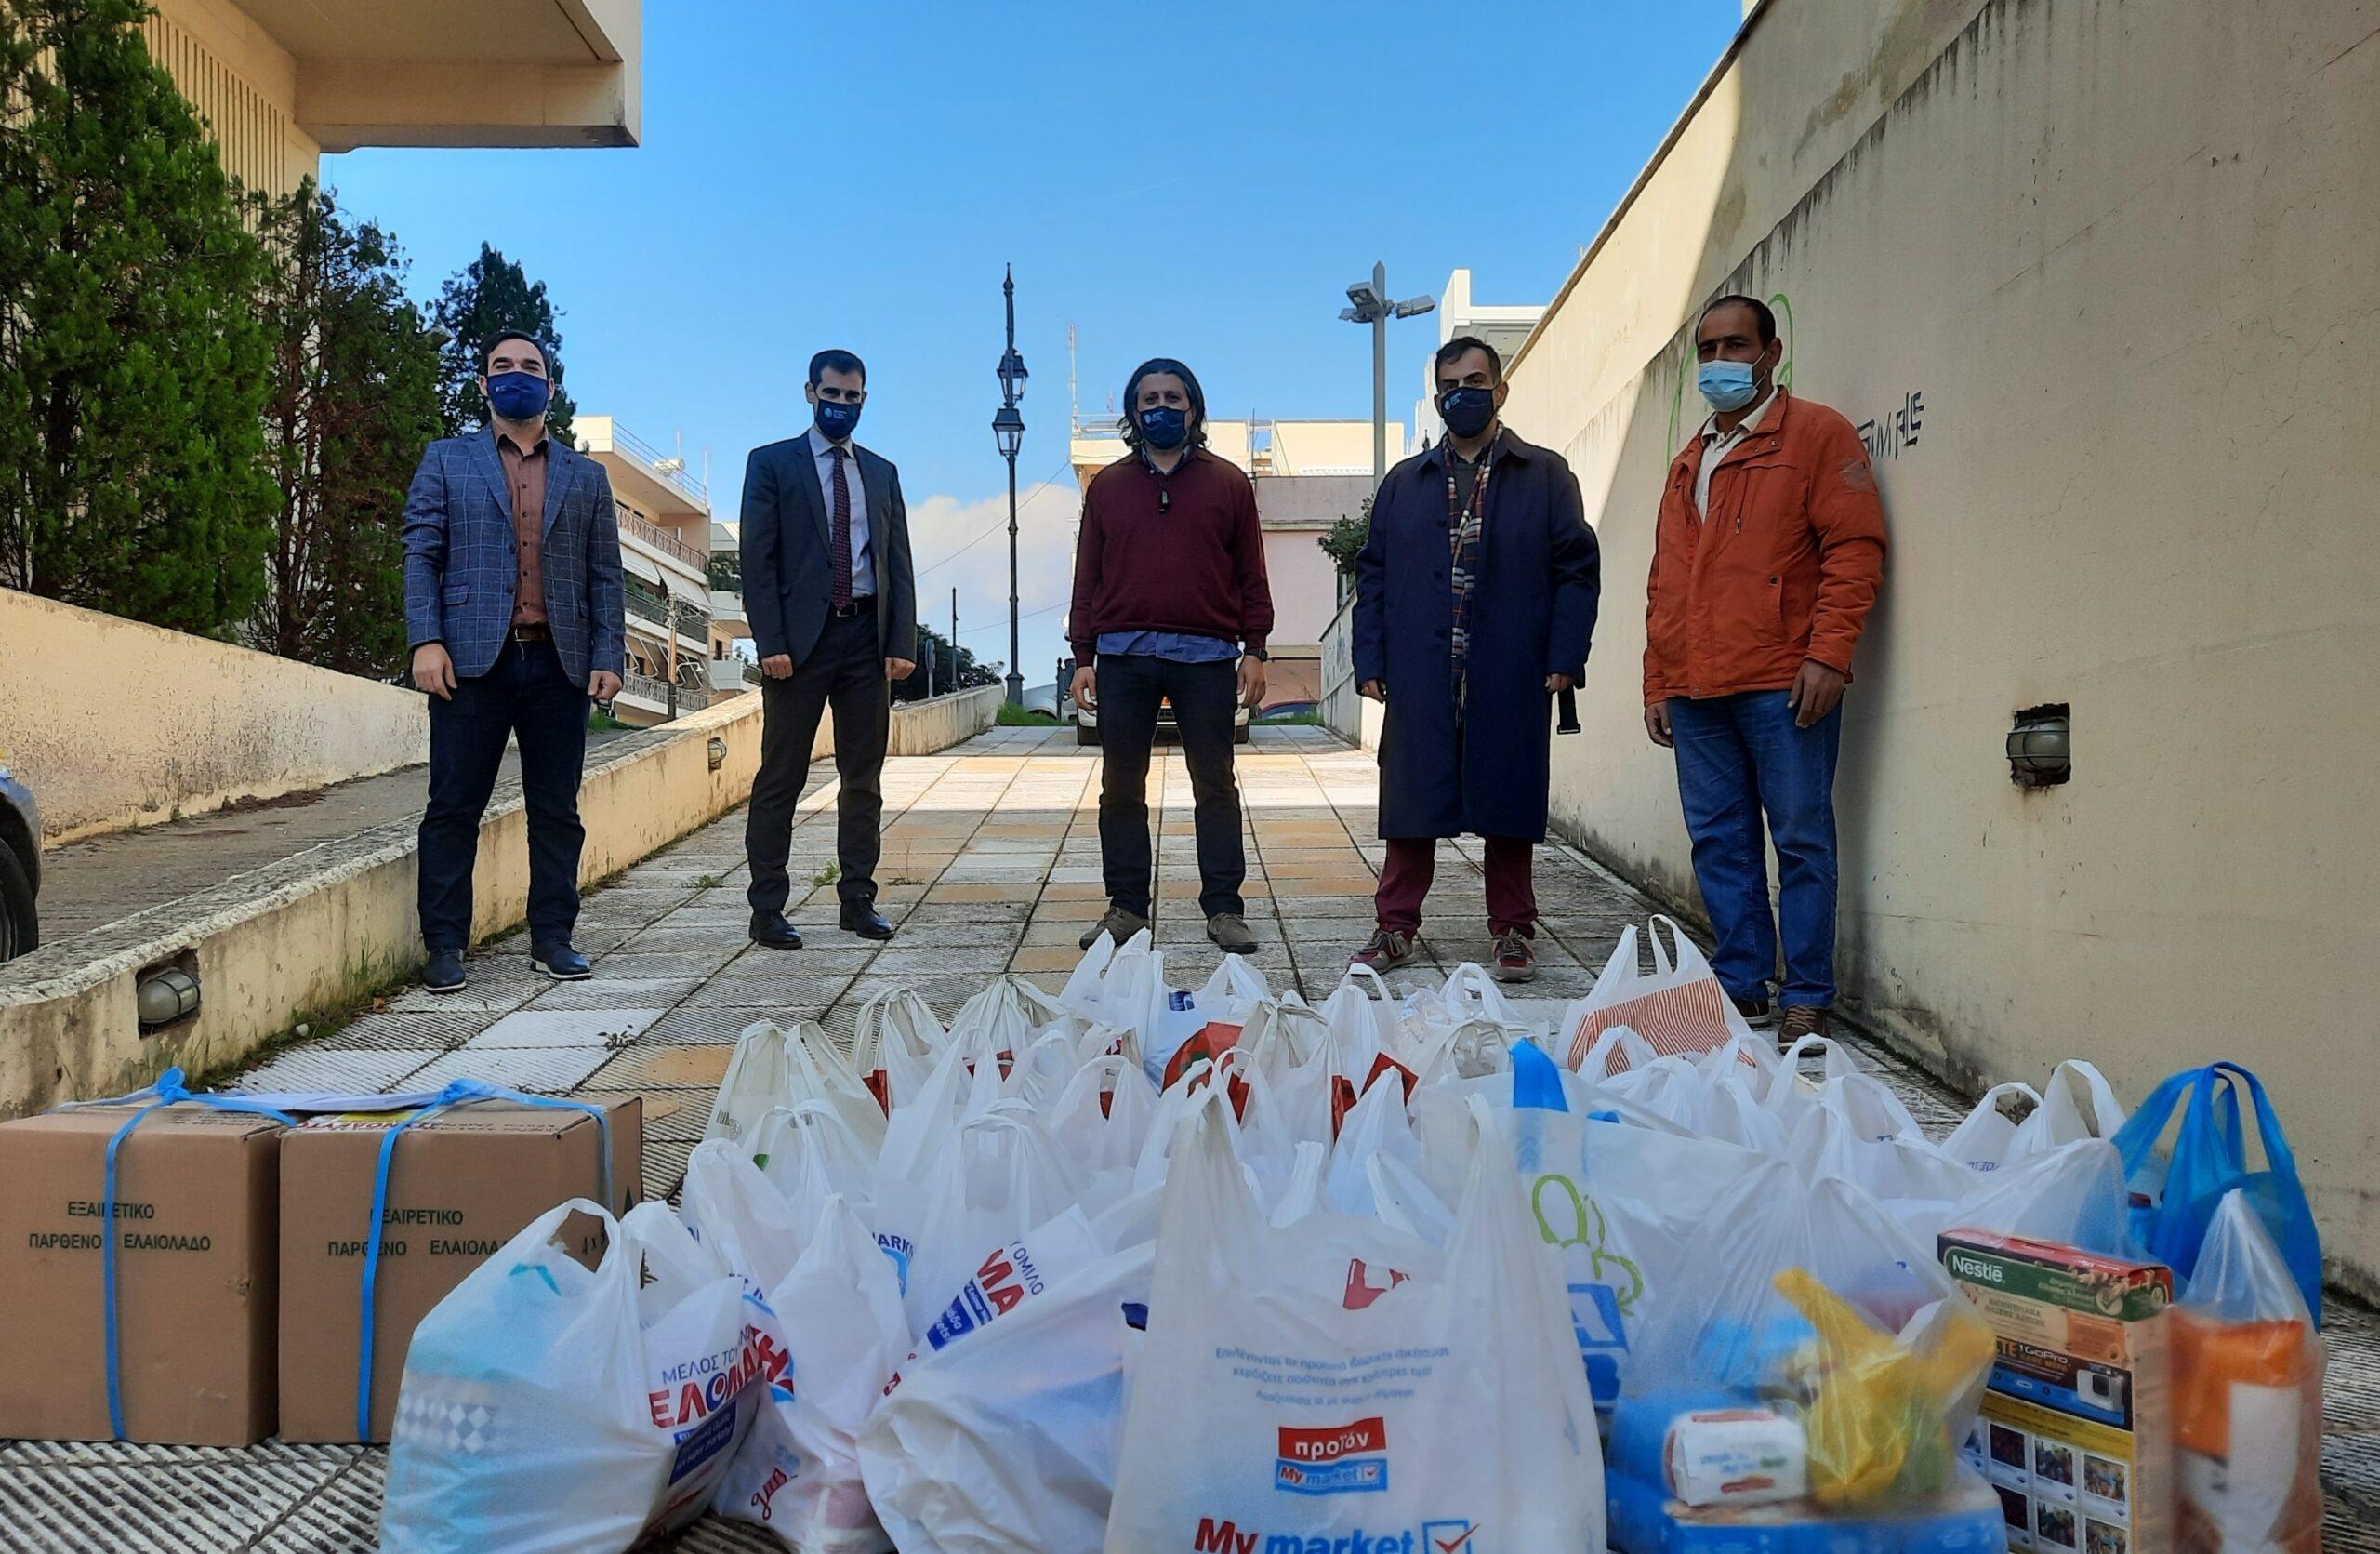 Πύργος: Μεγάλη ανταπόκριση στην φιλανθρωπική δράση συγκέντρωσης και διανομής τροφίμων από Π.Ε Ηλείας - Σύλλογο Υπαλλήλων